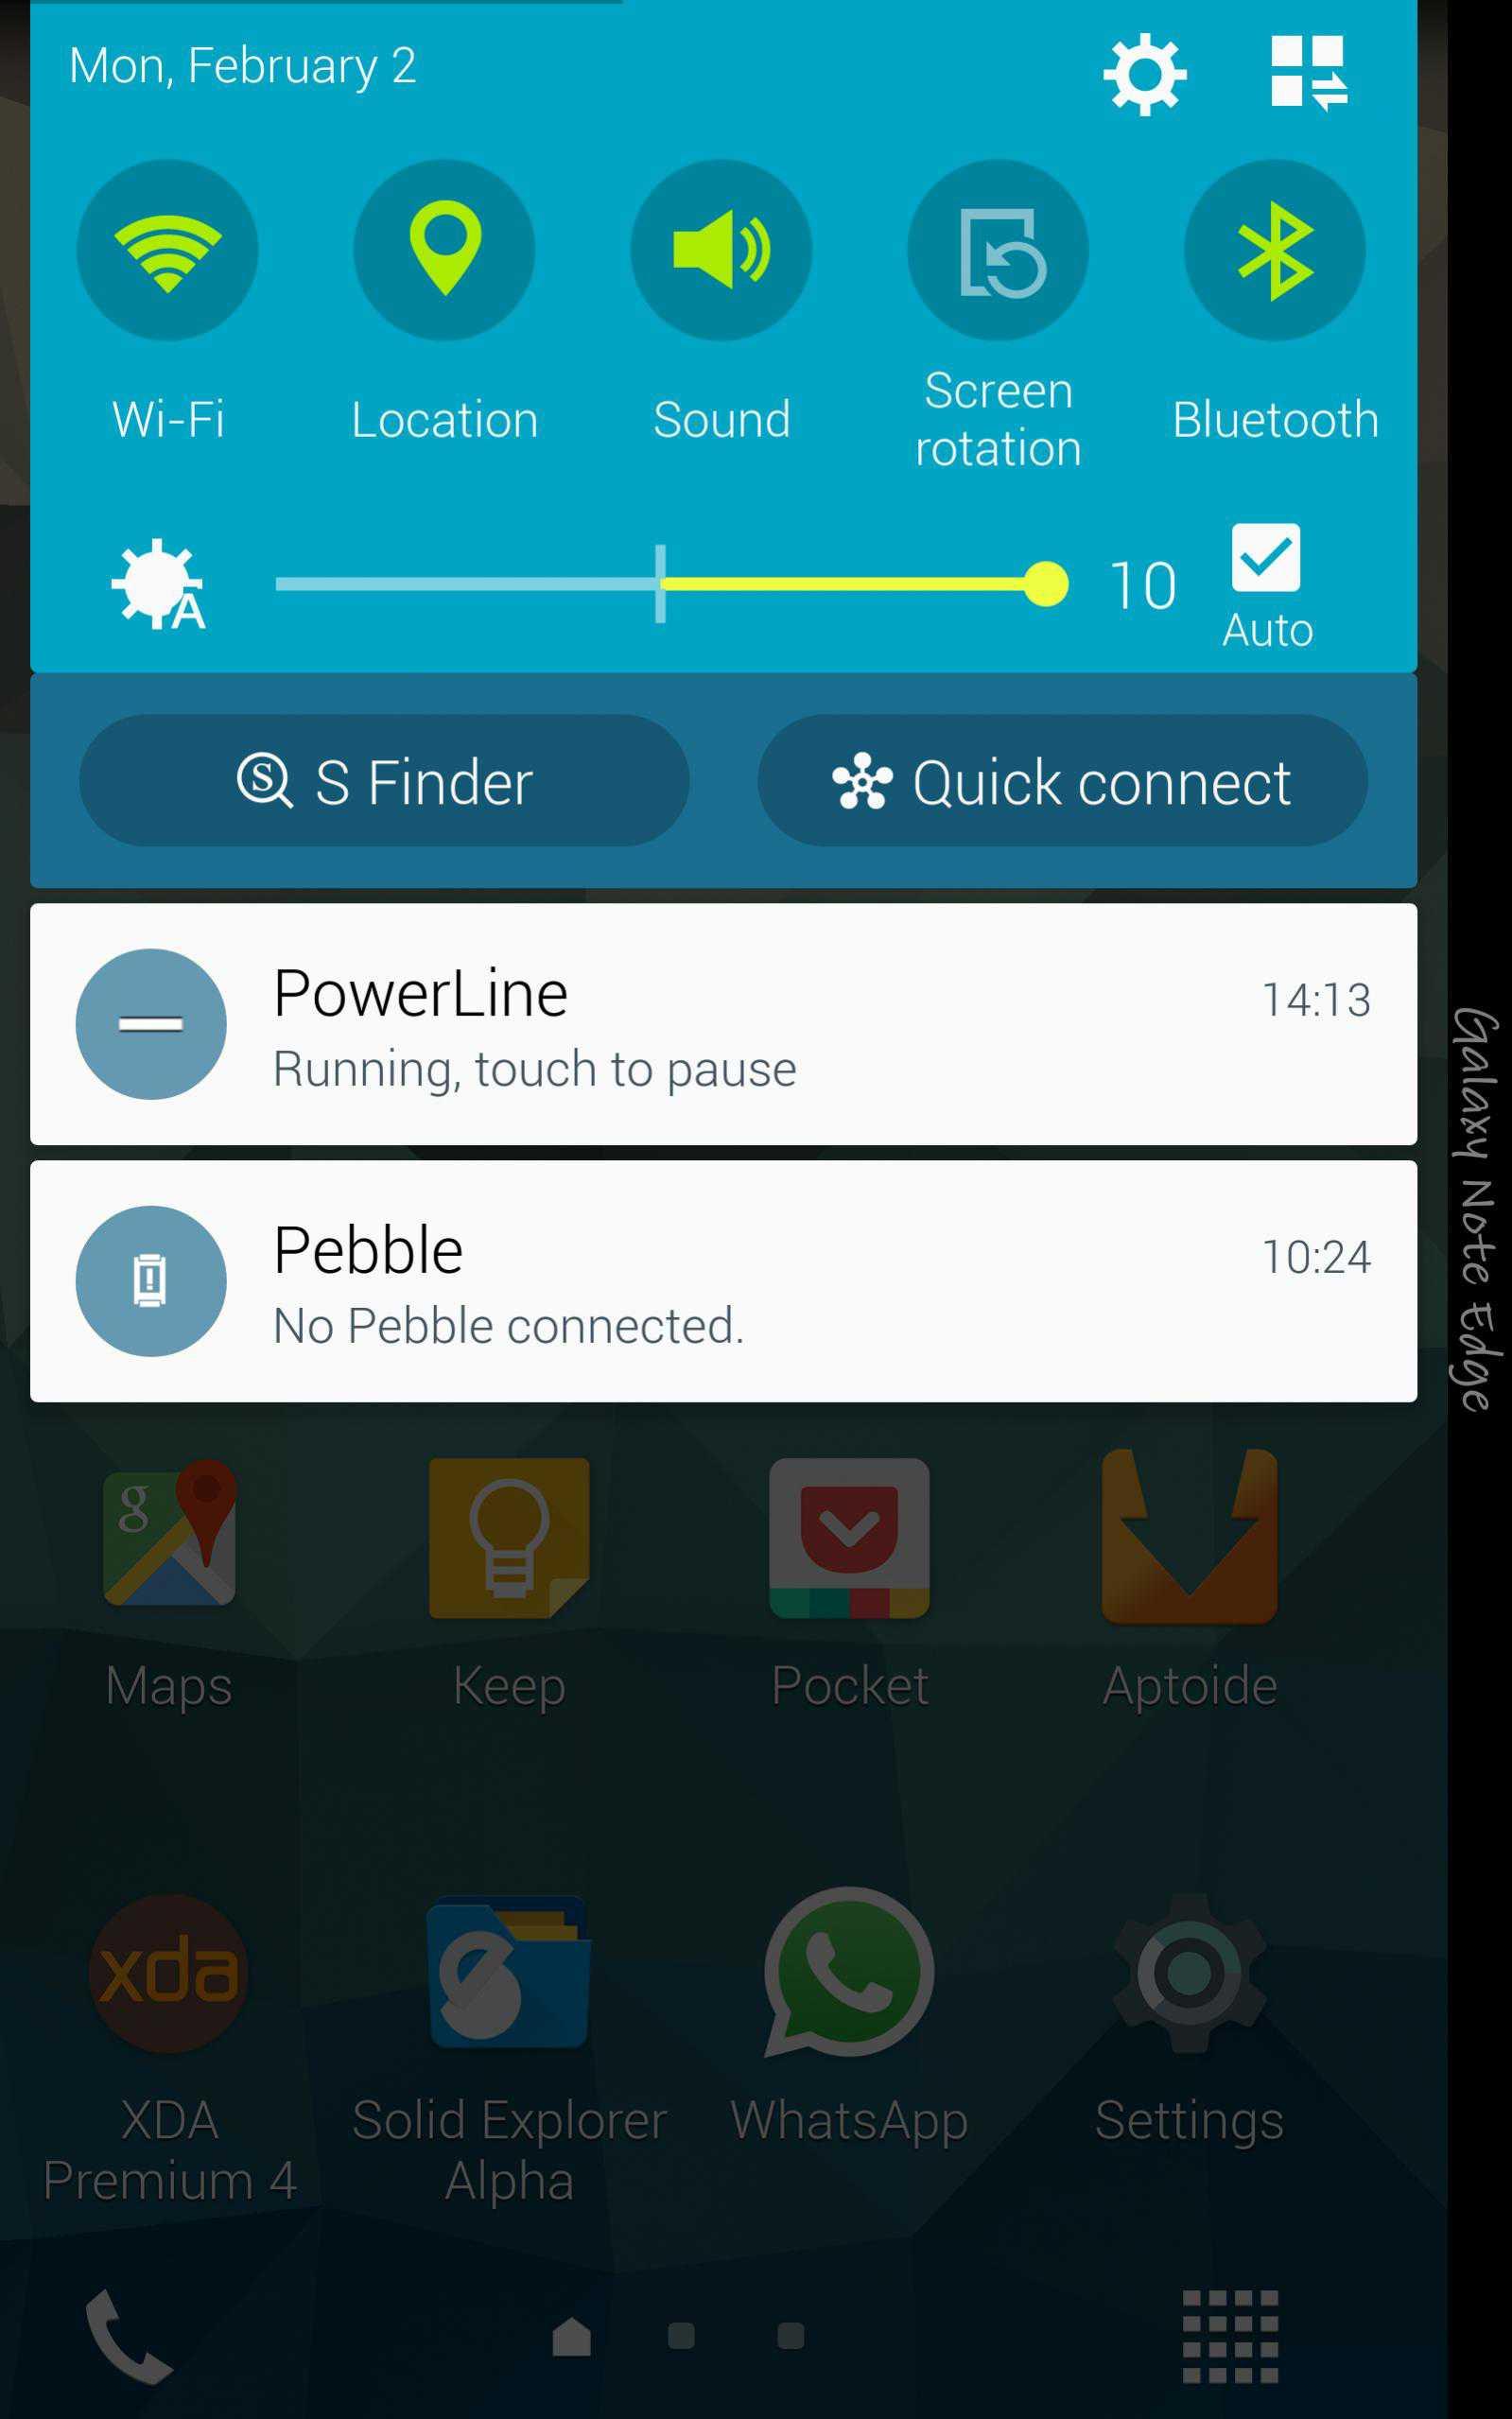 Disponibile Android 5.0 Lollipop per Galaxy Note Edge grazie ad una leaked rom